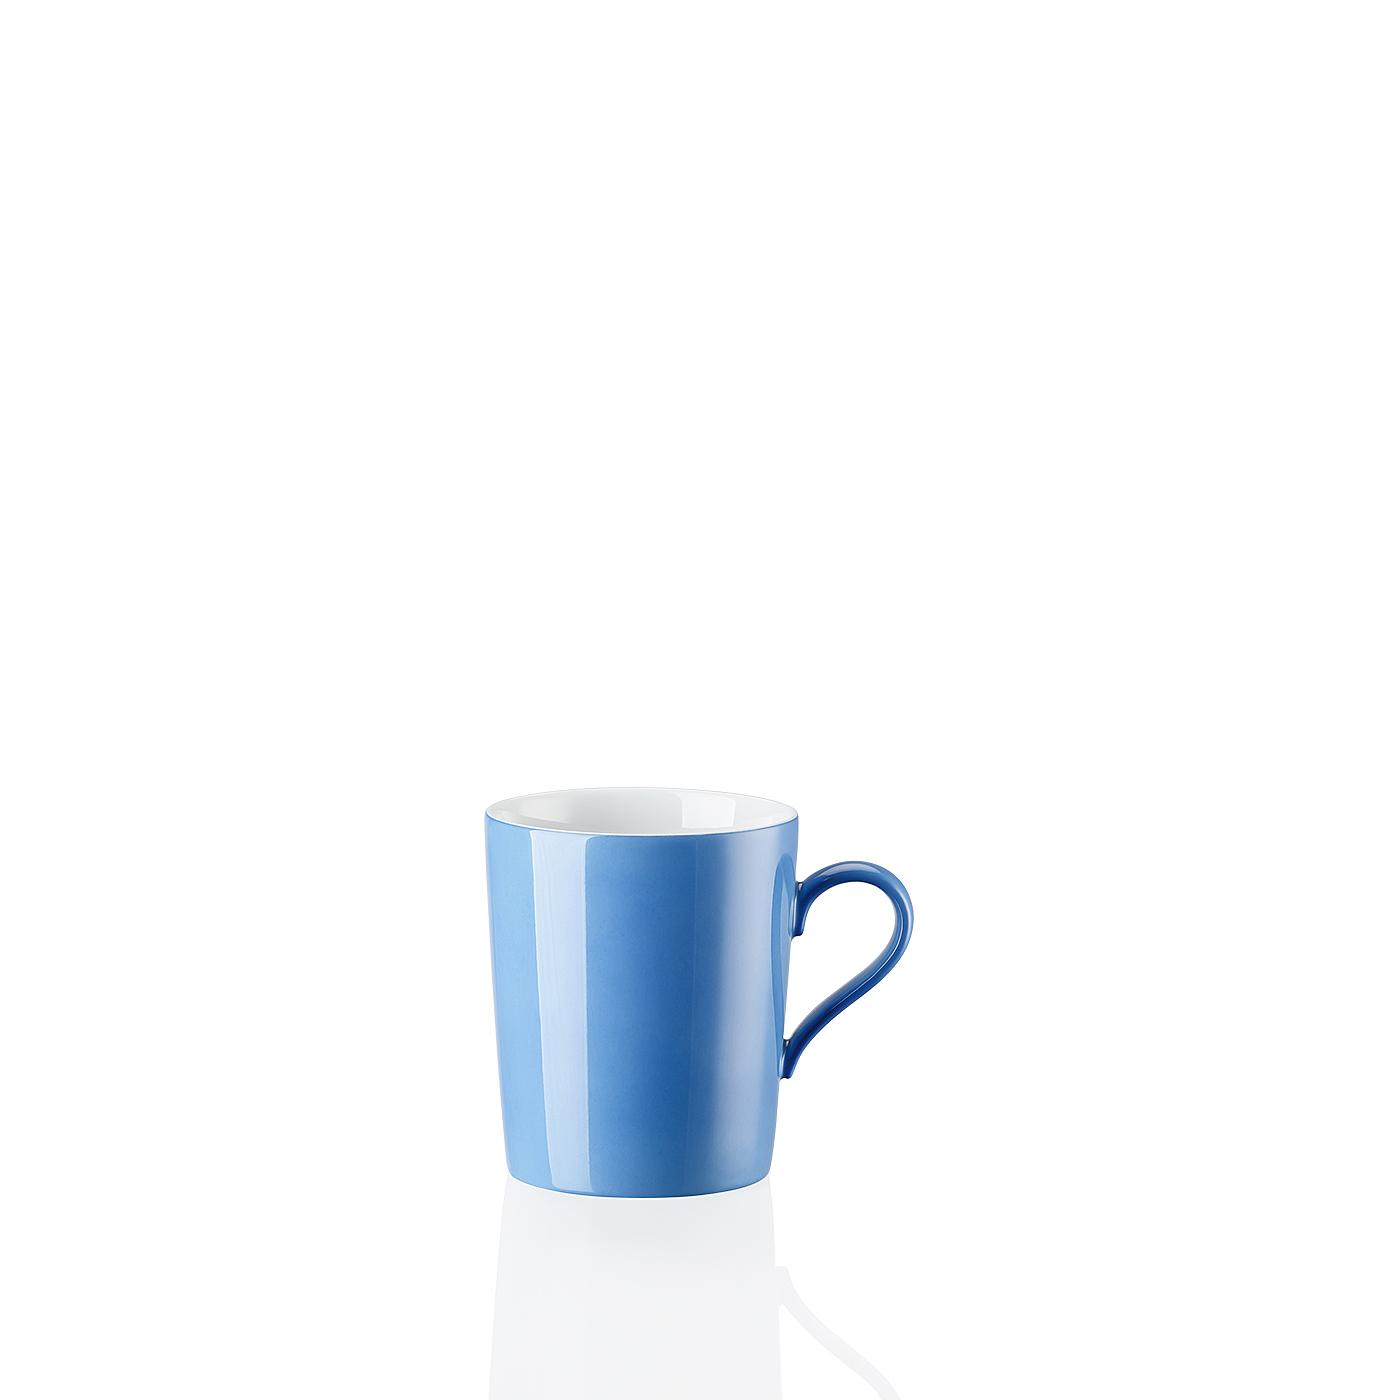 Becher mit Henkel Tric Blau Arzberg